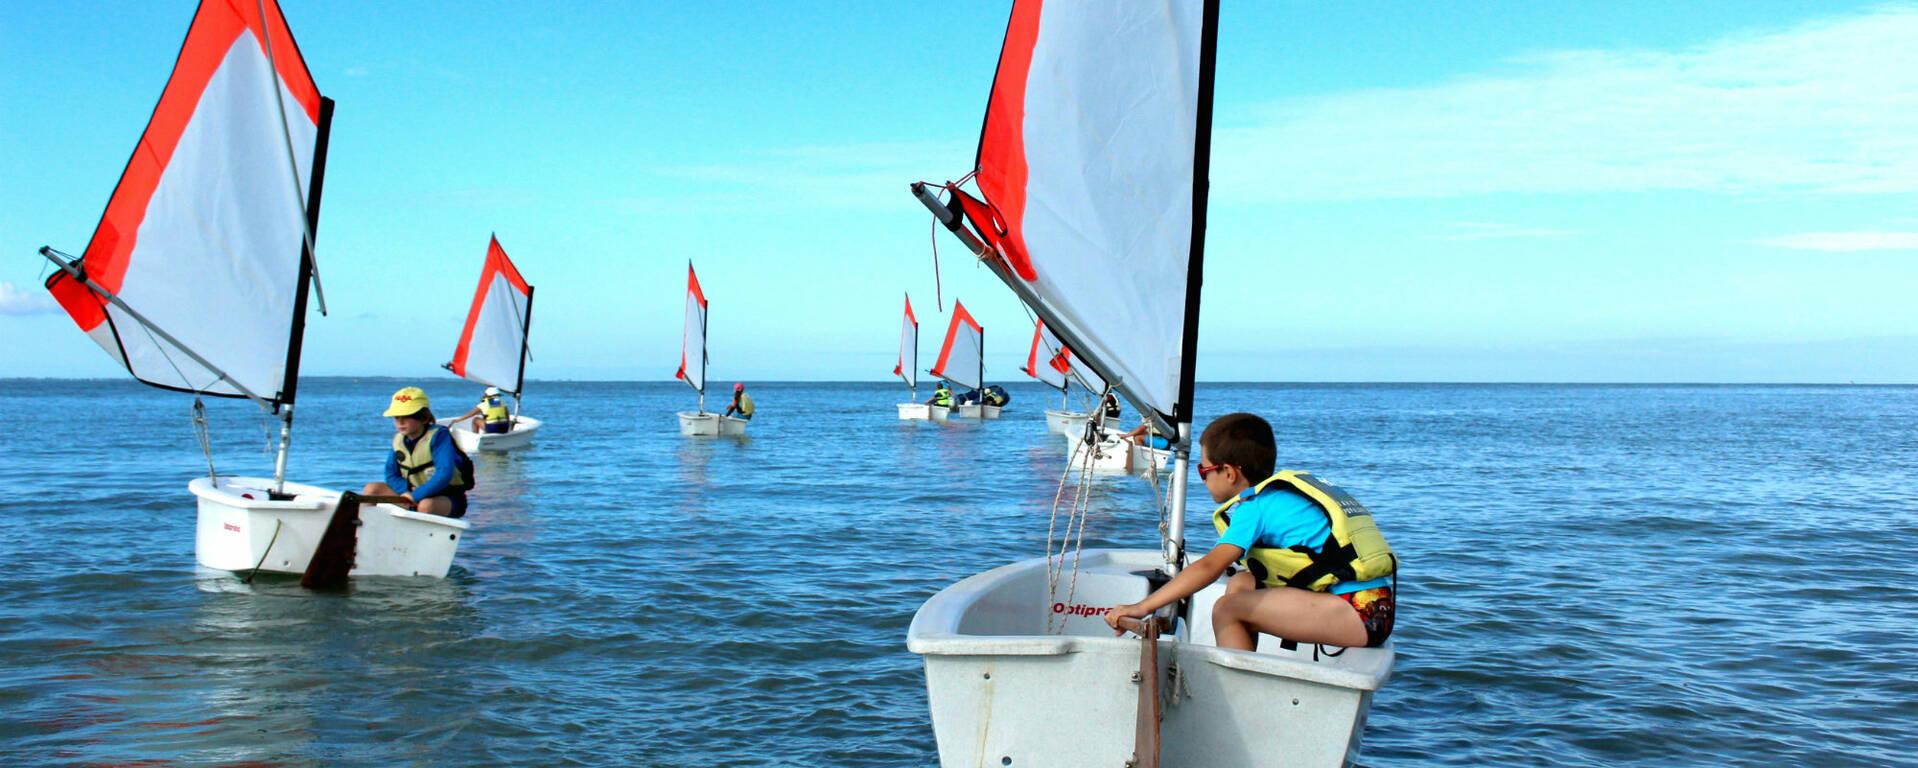 Initiation et découverte de sports de glisse pour les petits